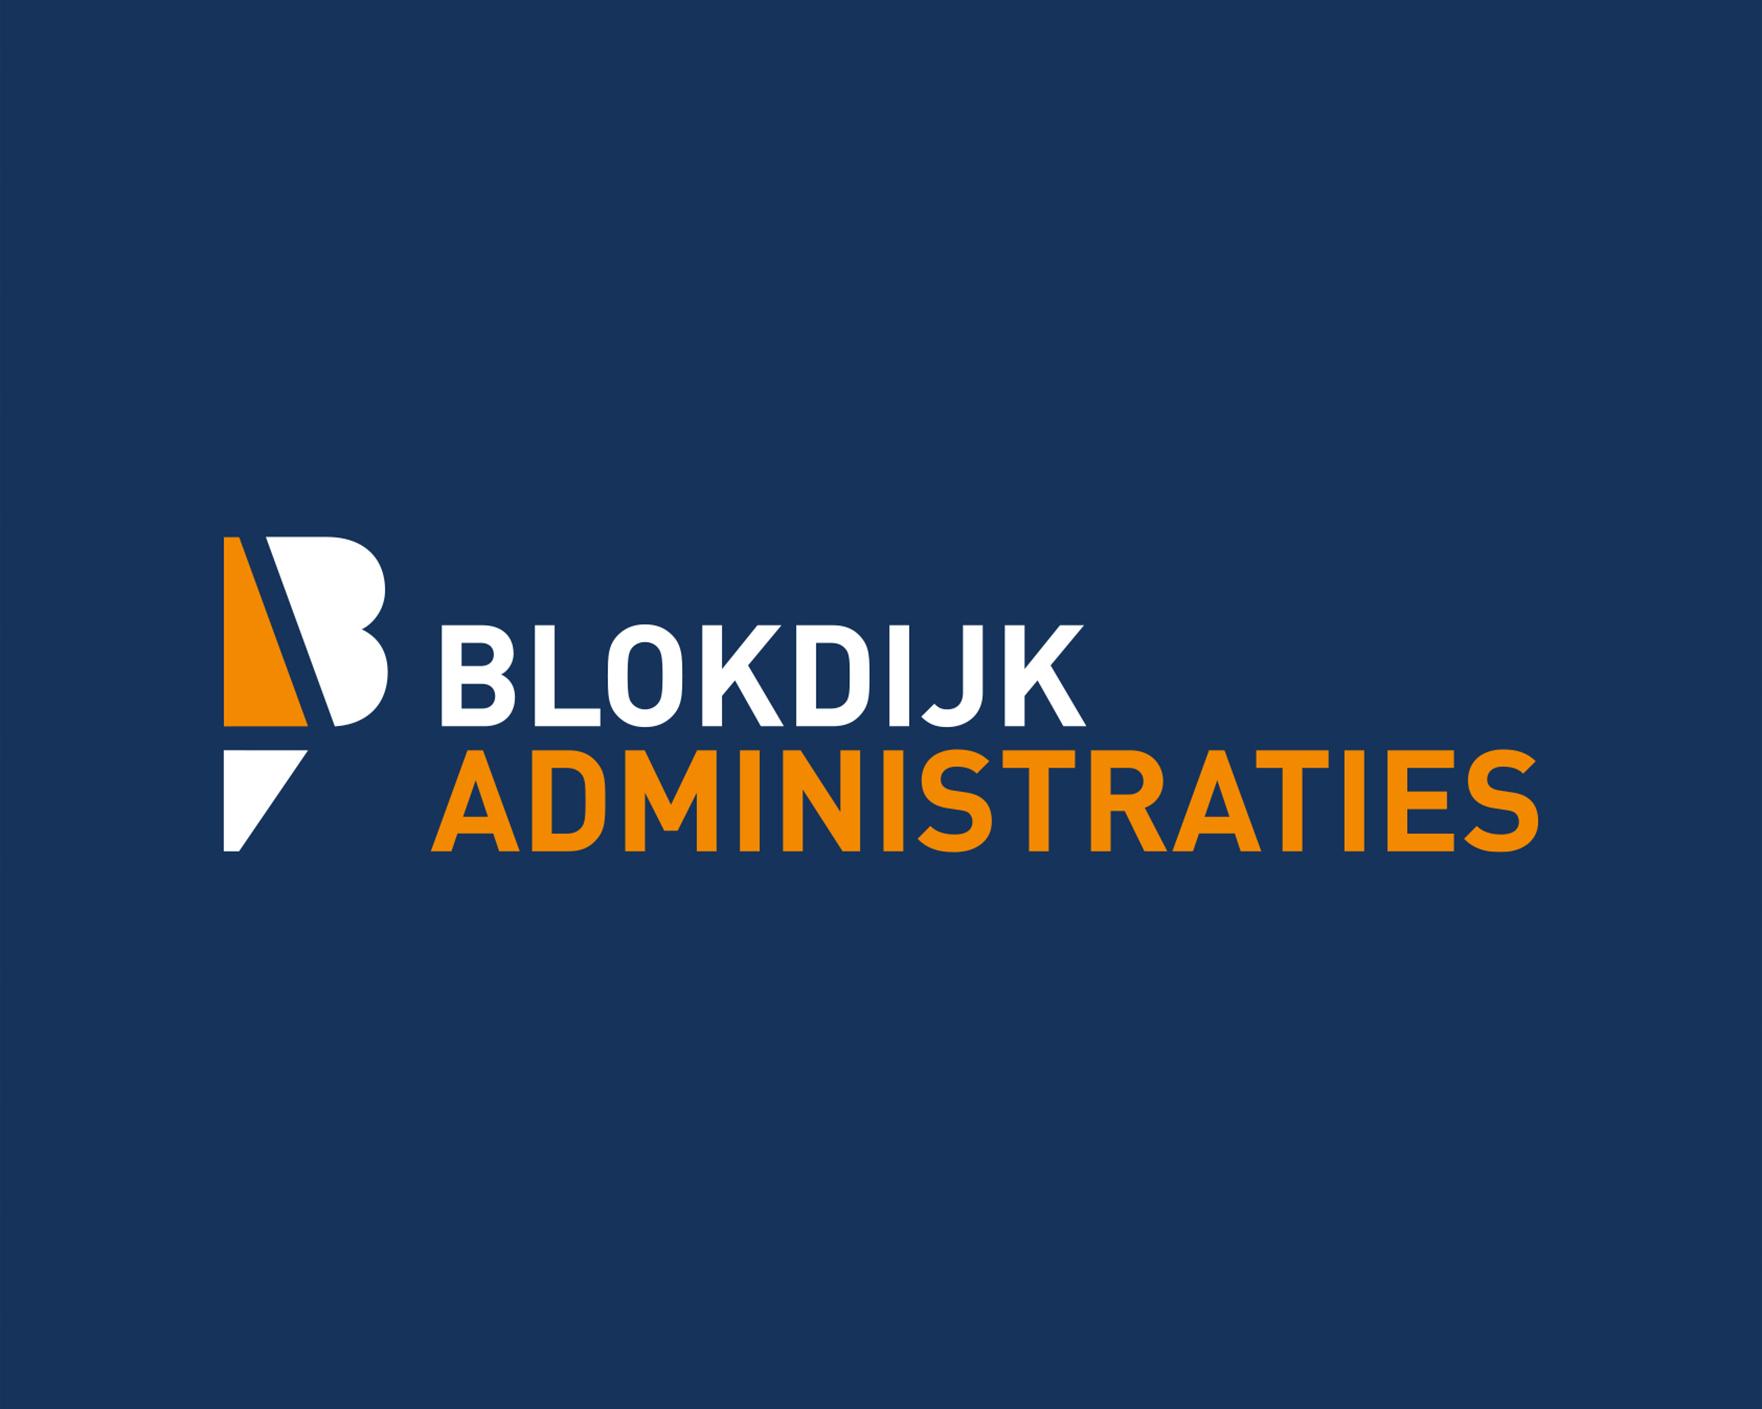 Logo voor Thomas Blokdijk Administraties in Tuitjenhorn gemaakt door Sjoerd van Schagen